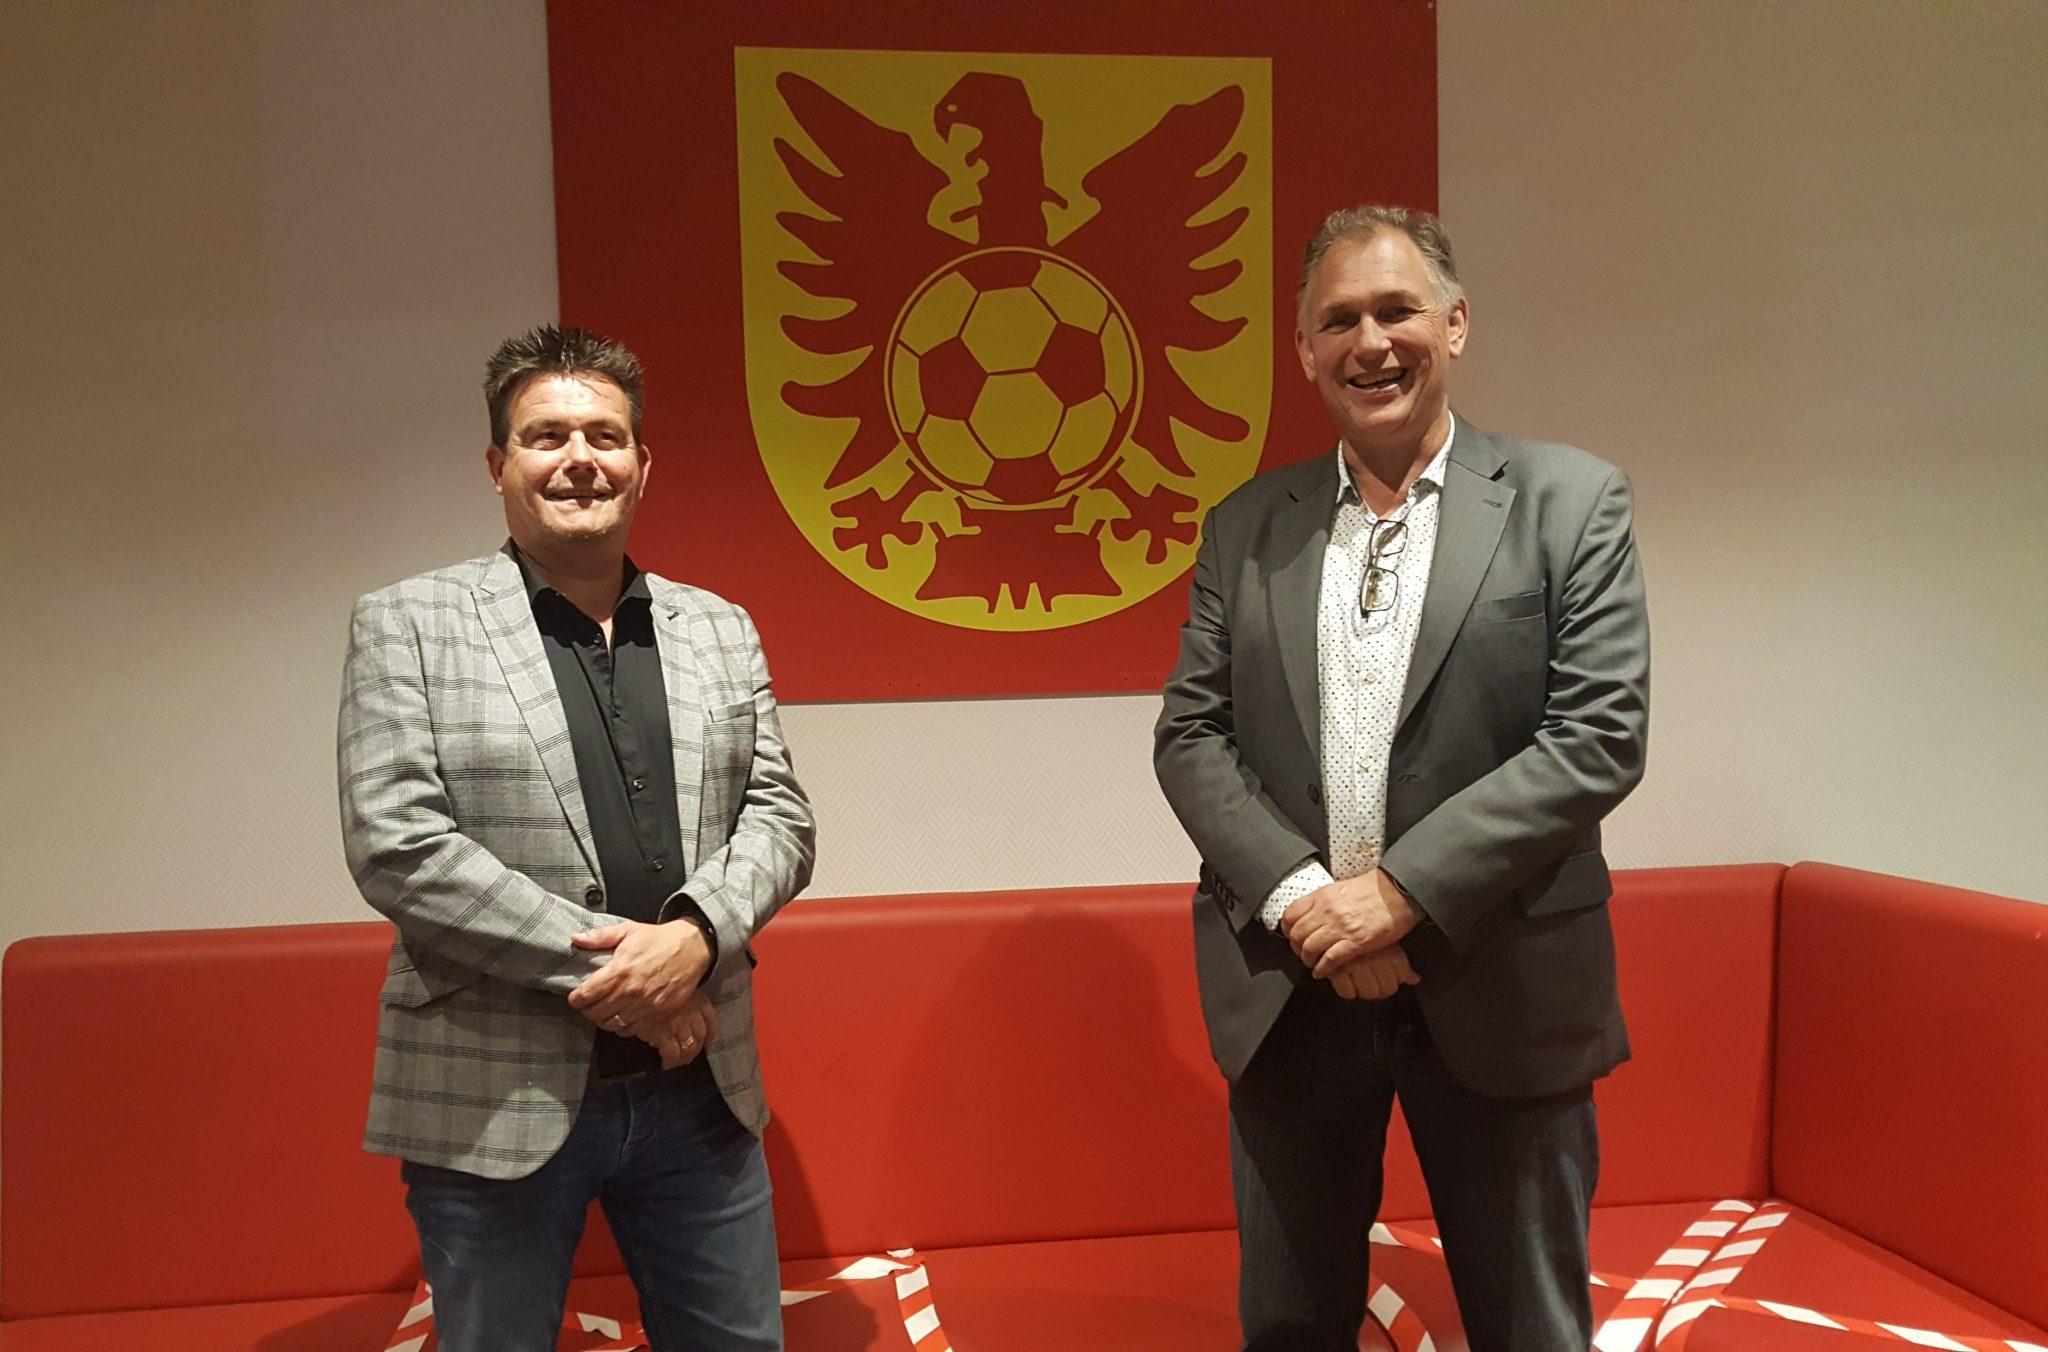 Jan Veeneman nieuwe voorzitter, Johan Wind nieuwe jeugdvoorzitter